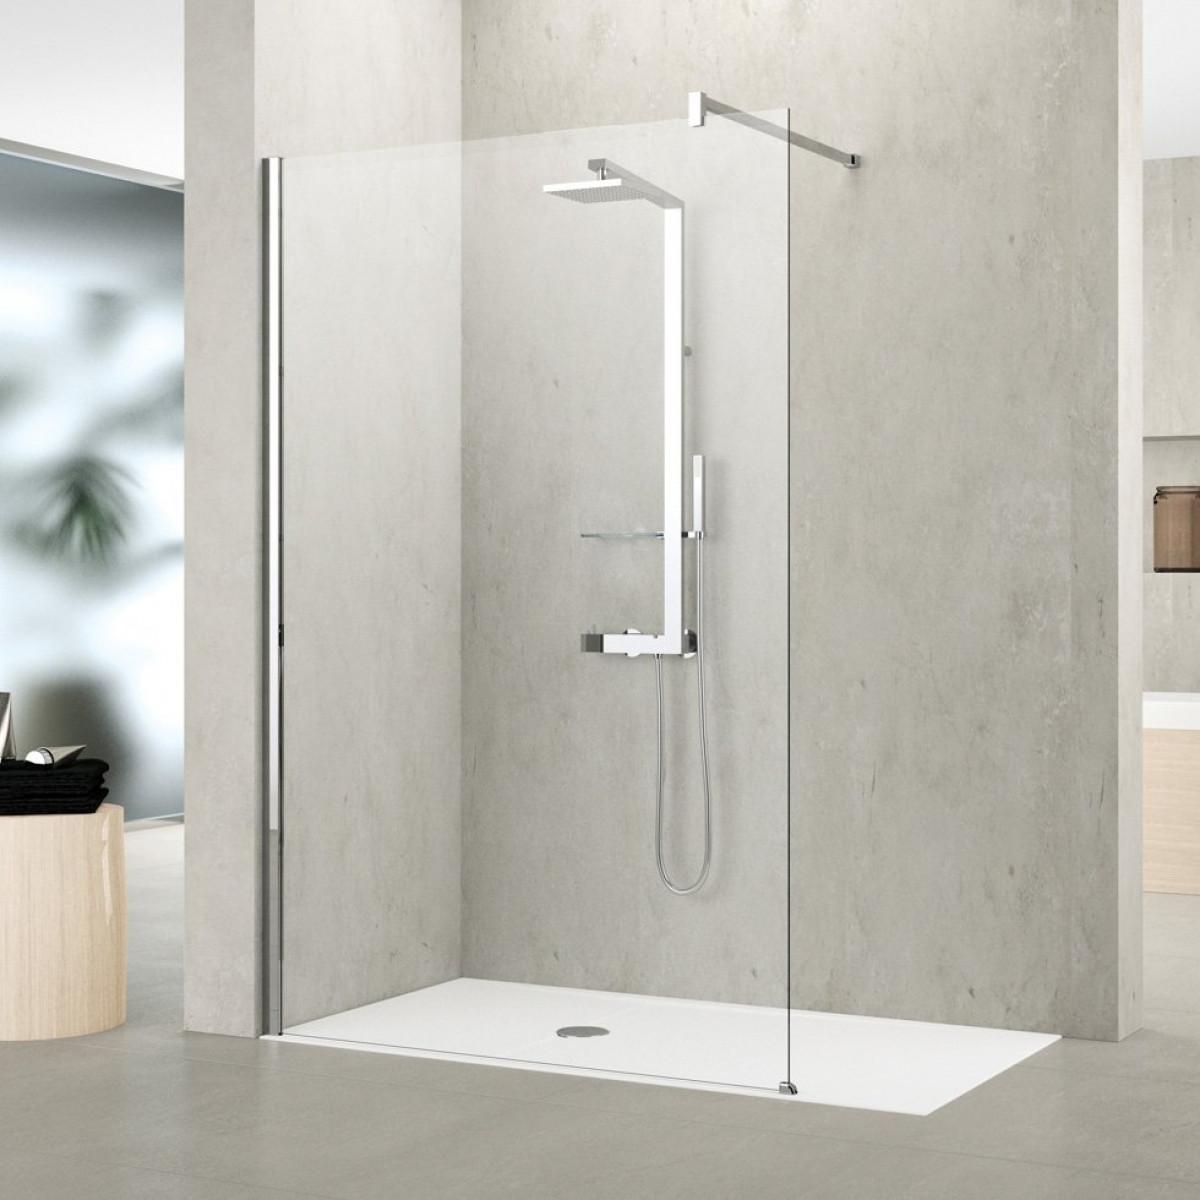 Novellini shower panel kuadra h 1200mm for Novellini shower doors